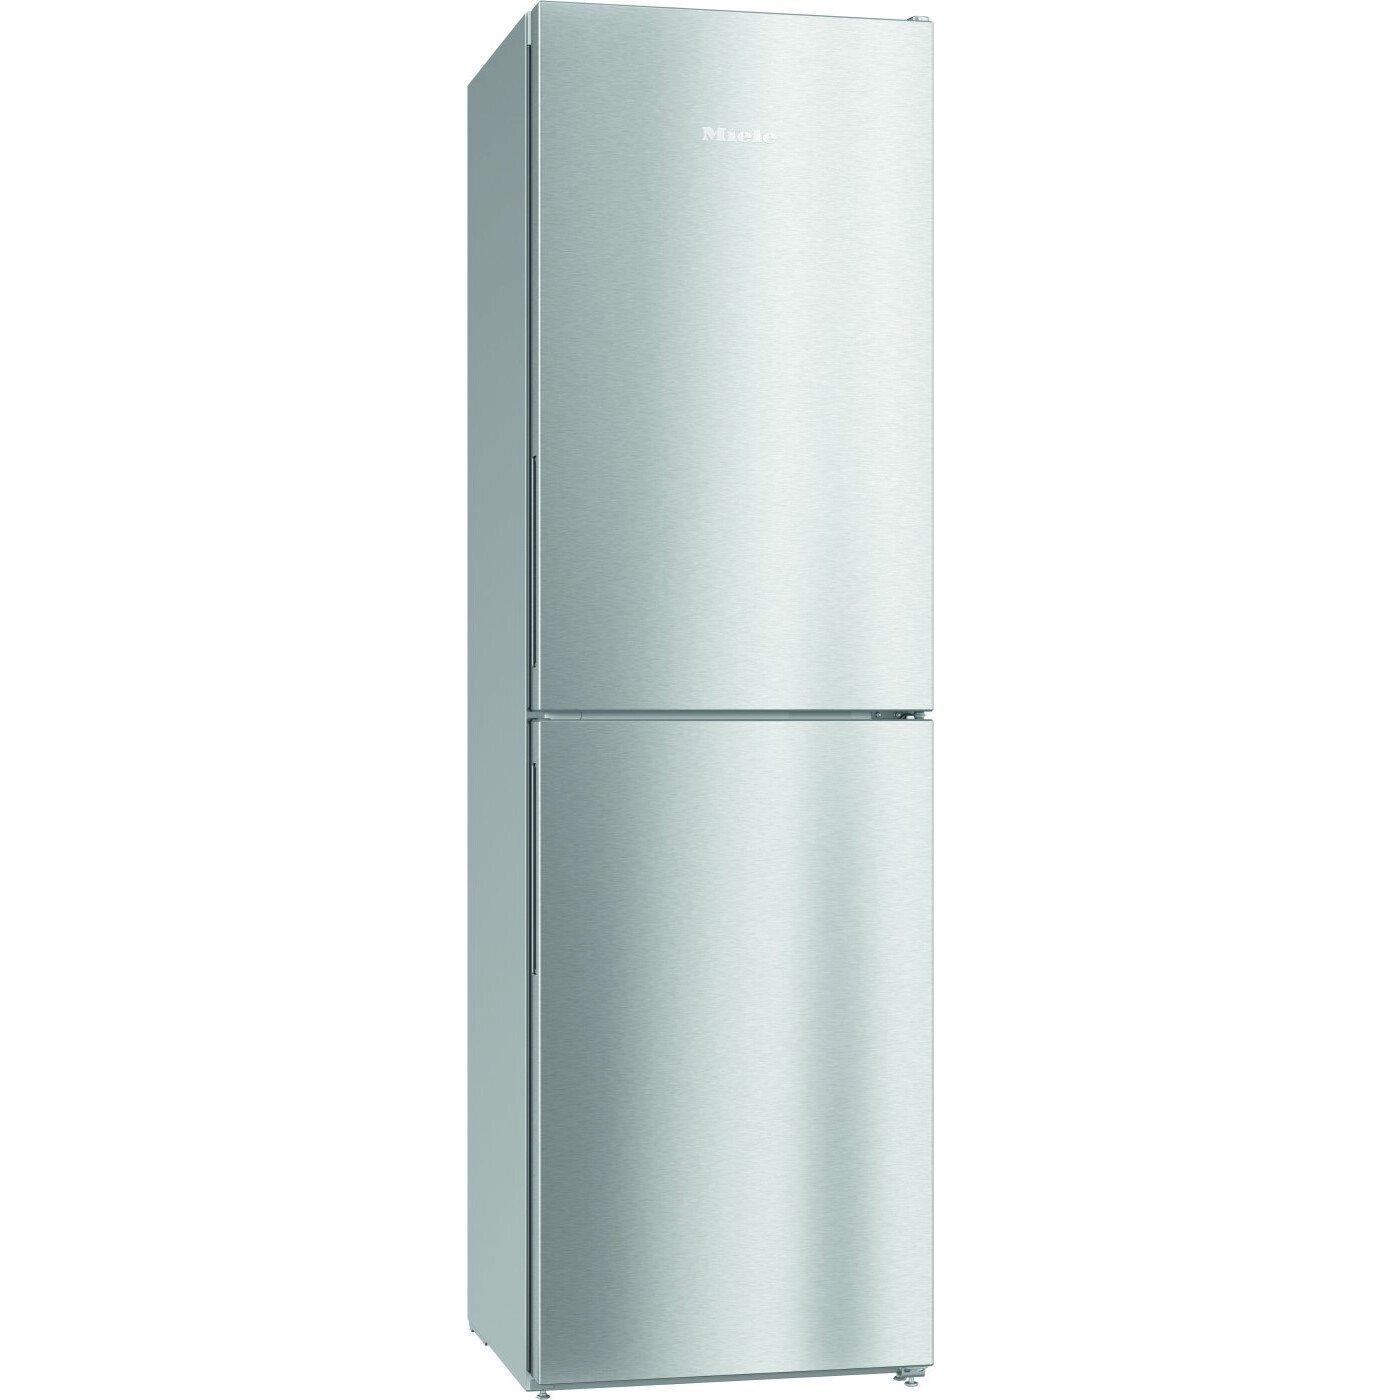 Miele KFN29142D CleanSteel Frost Free Fridge Freezer